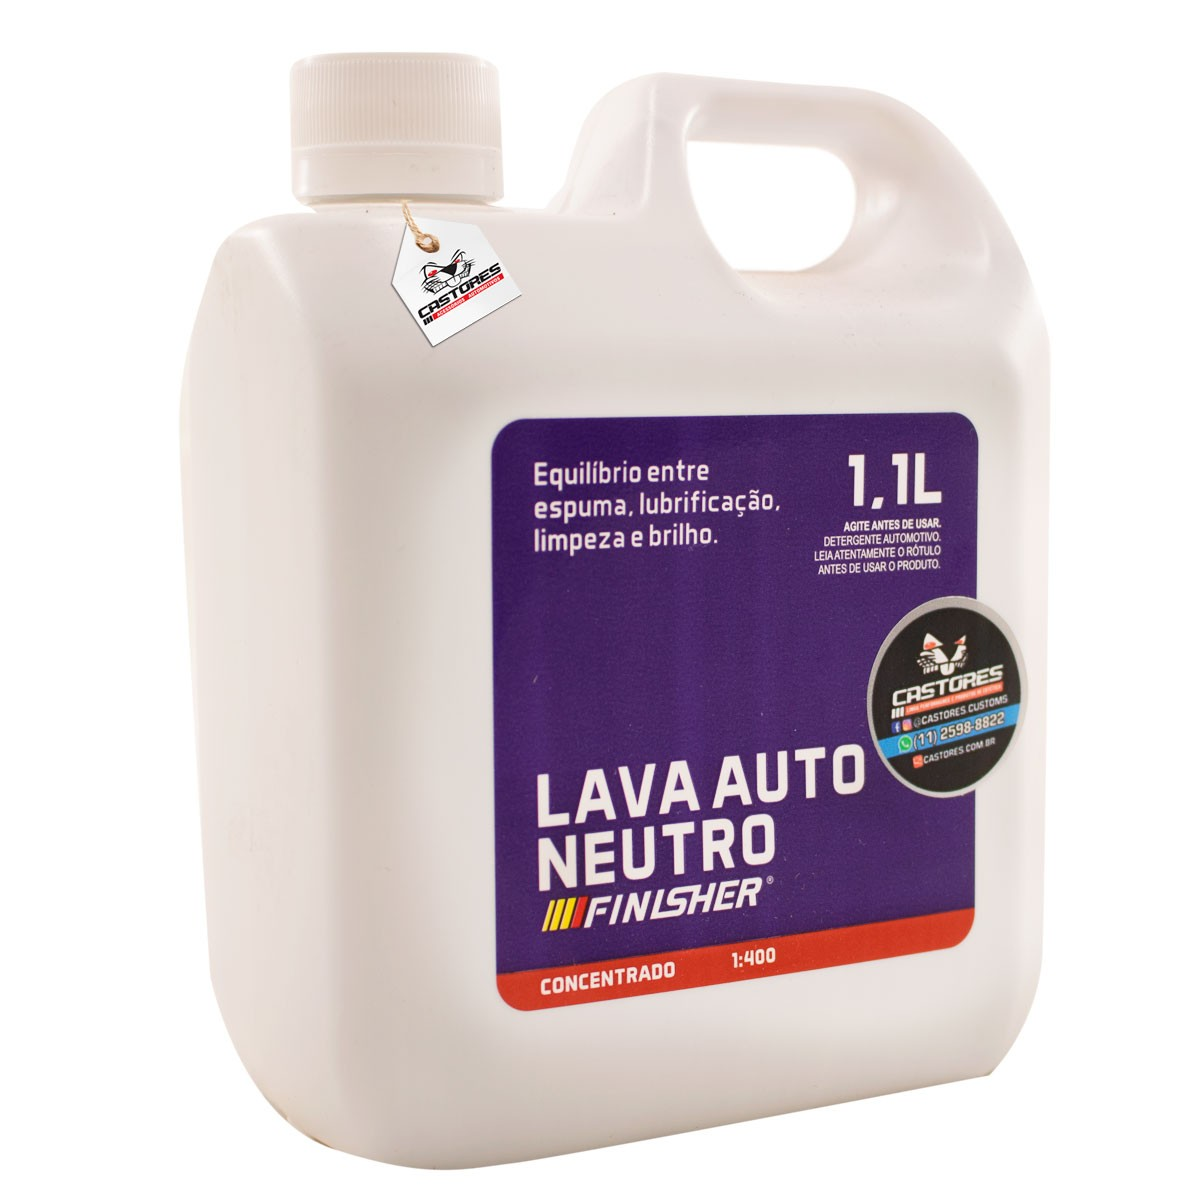 Finisher Lava Auto Neutro 1,1L - Diluivel